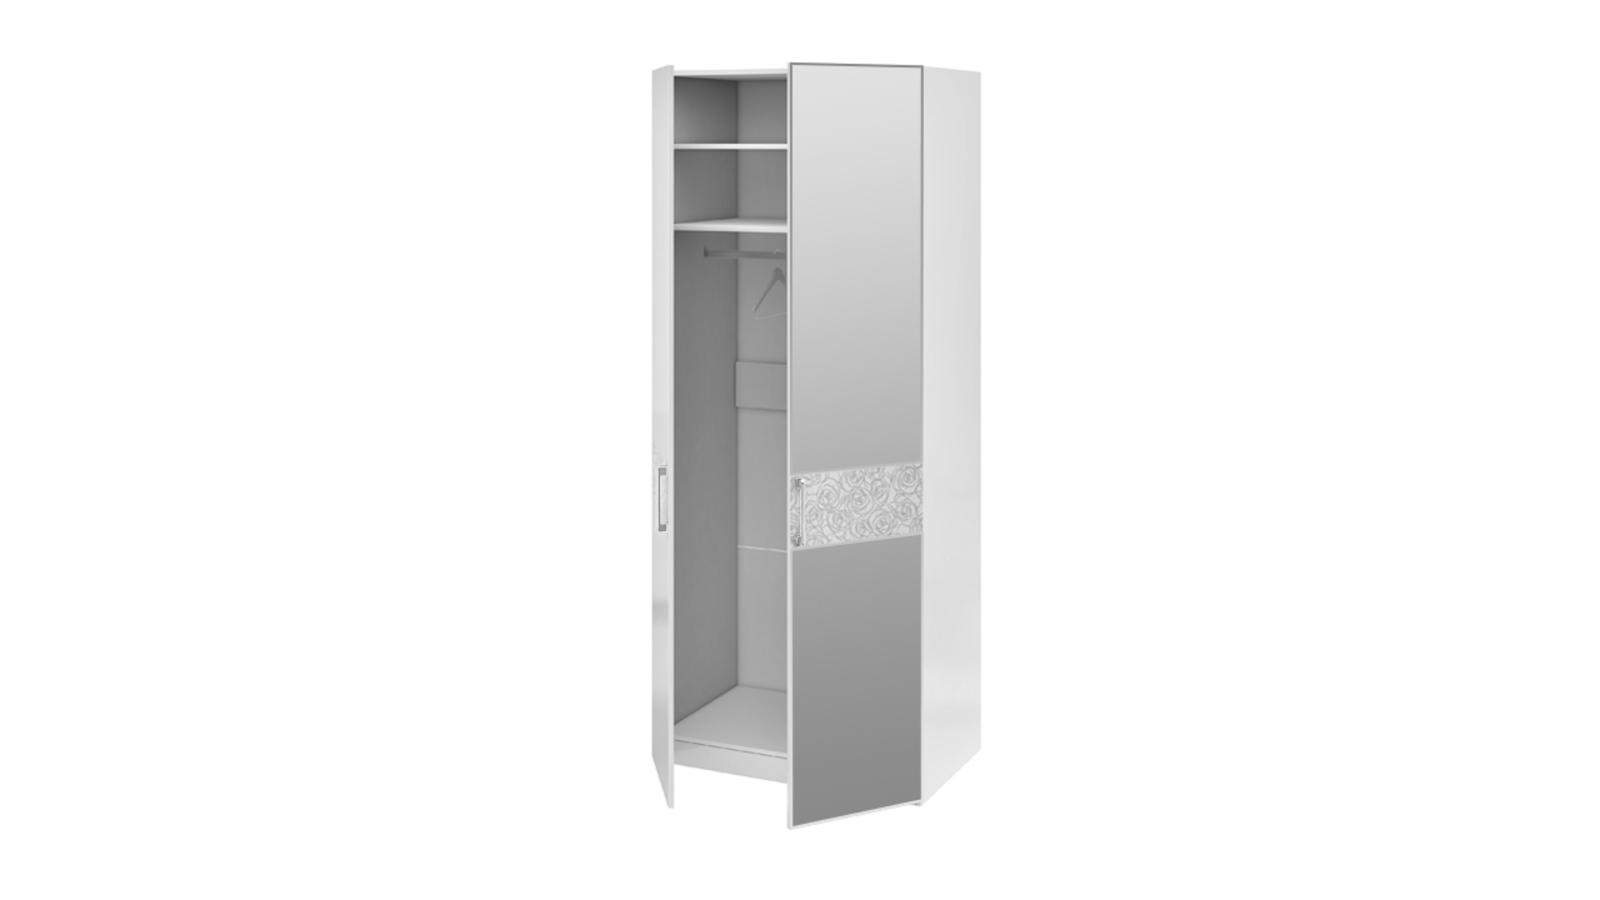 Шкаф распашной двухдверный Давос (белый матовый/зеркало)